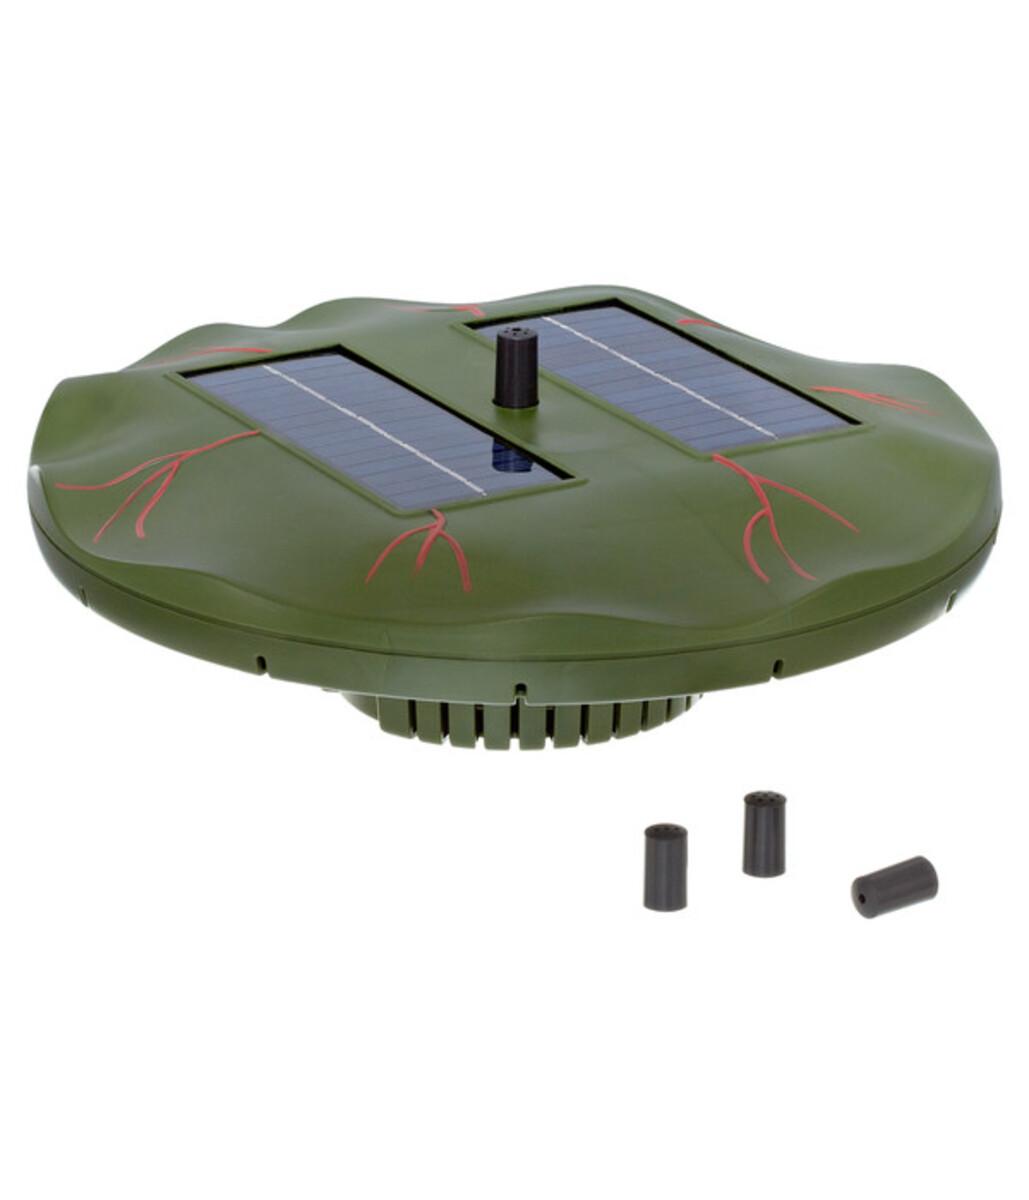 Bild 1 von Esotec Solarpumpe Seerose für den Gartenteich